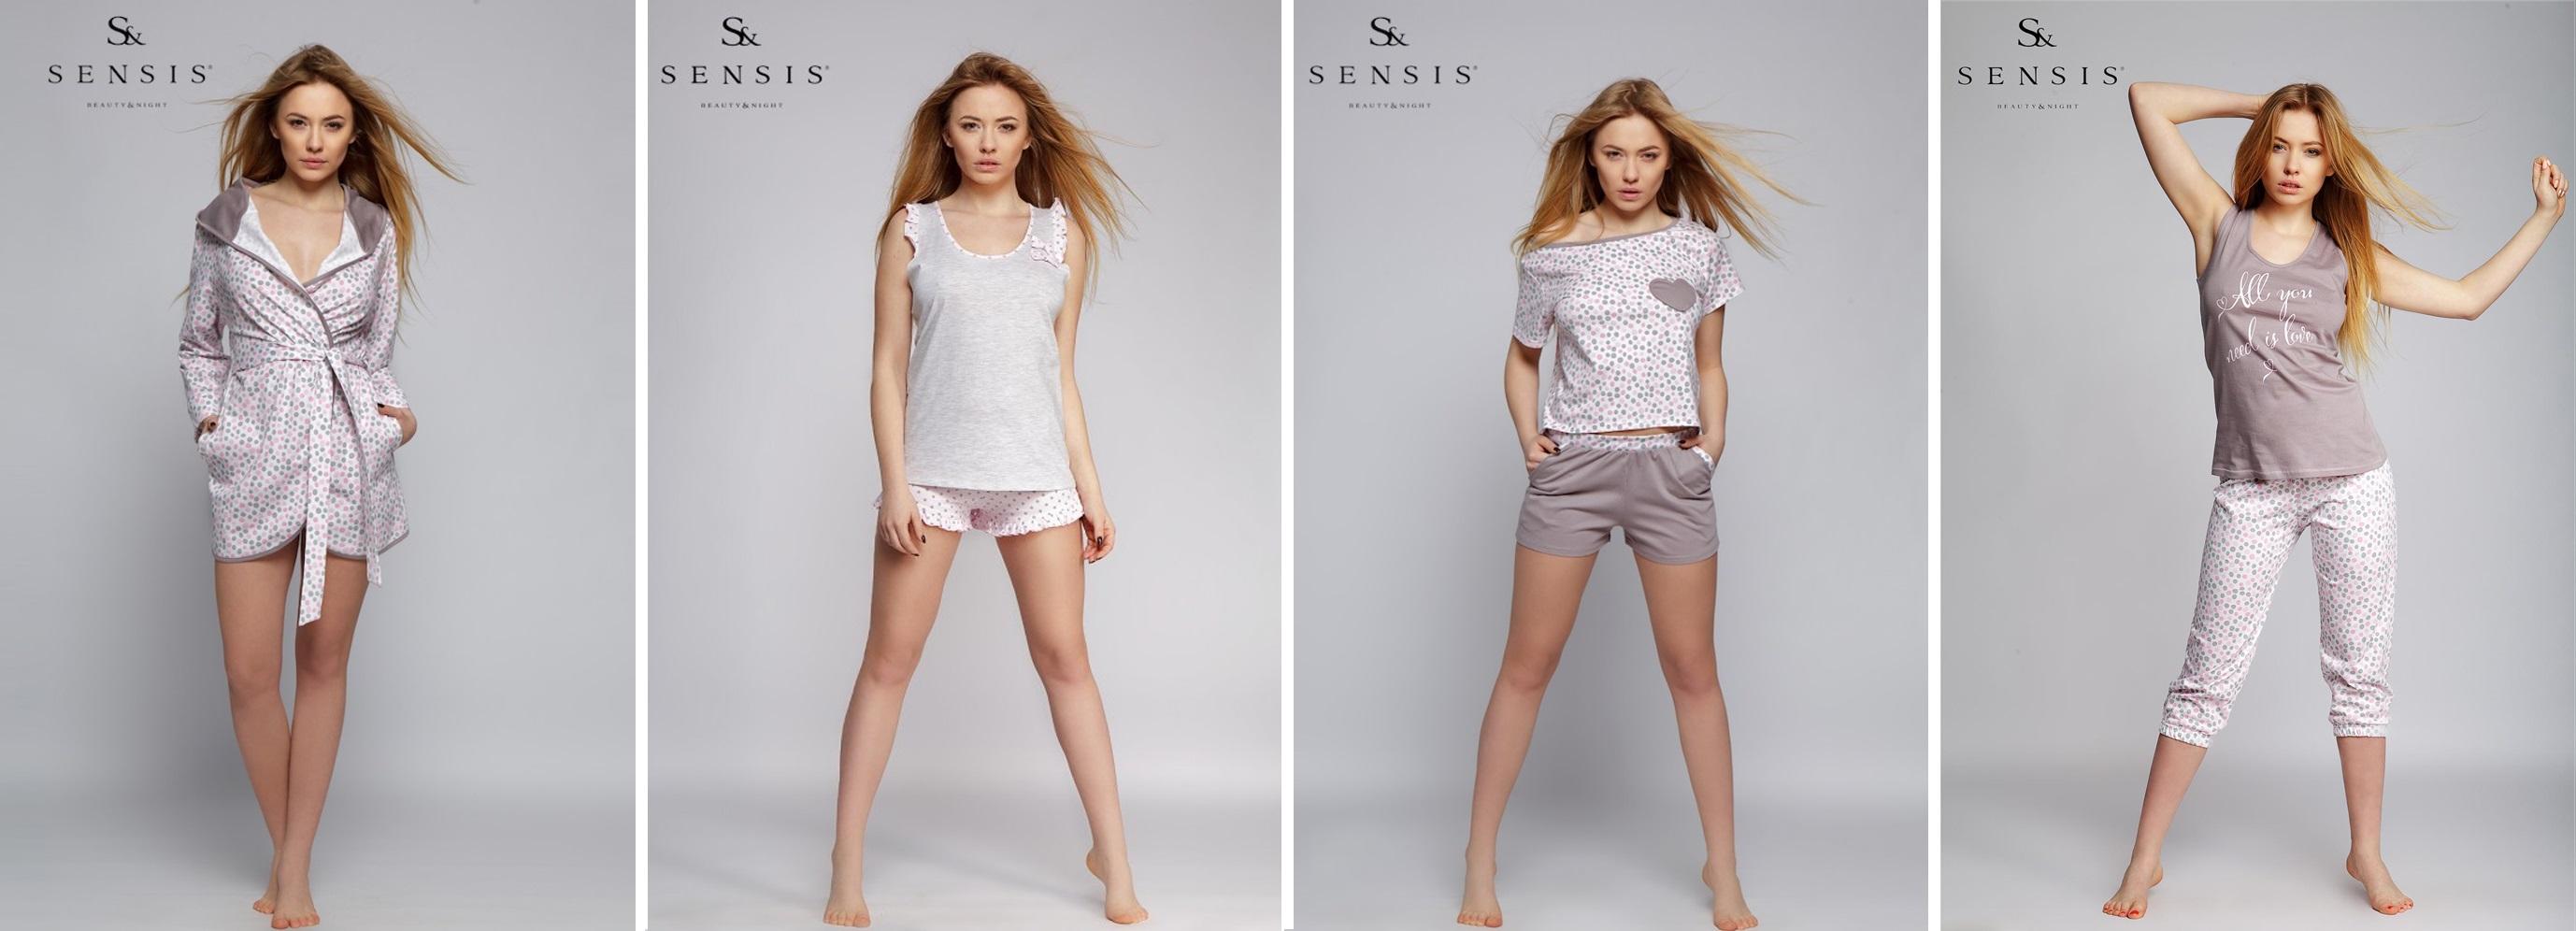 Одежда для дома и сна пижамы халаты сорочки комплекты ТМ Sensis купить интернет-магазин Киев